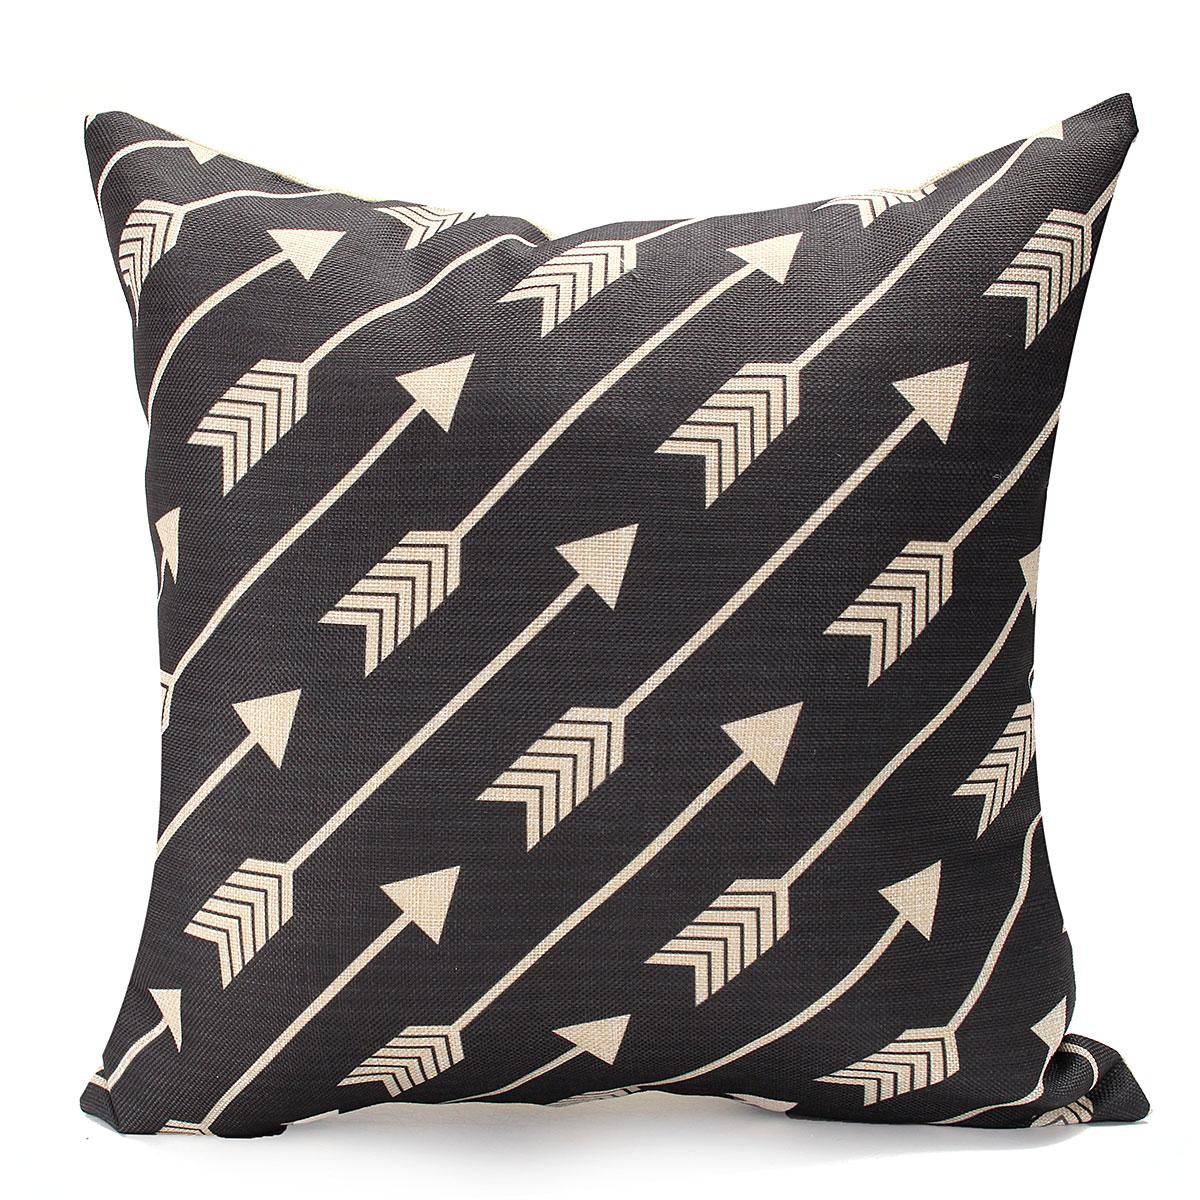 Black Cotton Throw Pillows : Vintage Geometry Black&White Cotton Throw Cushion Cover Pillow Case Home Decor #04 Lazada Malaysia